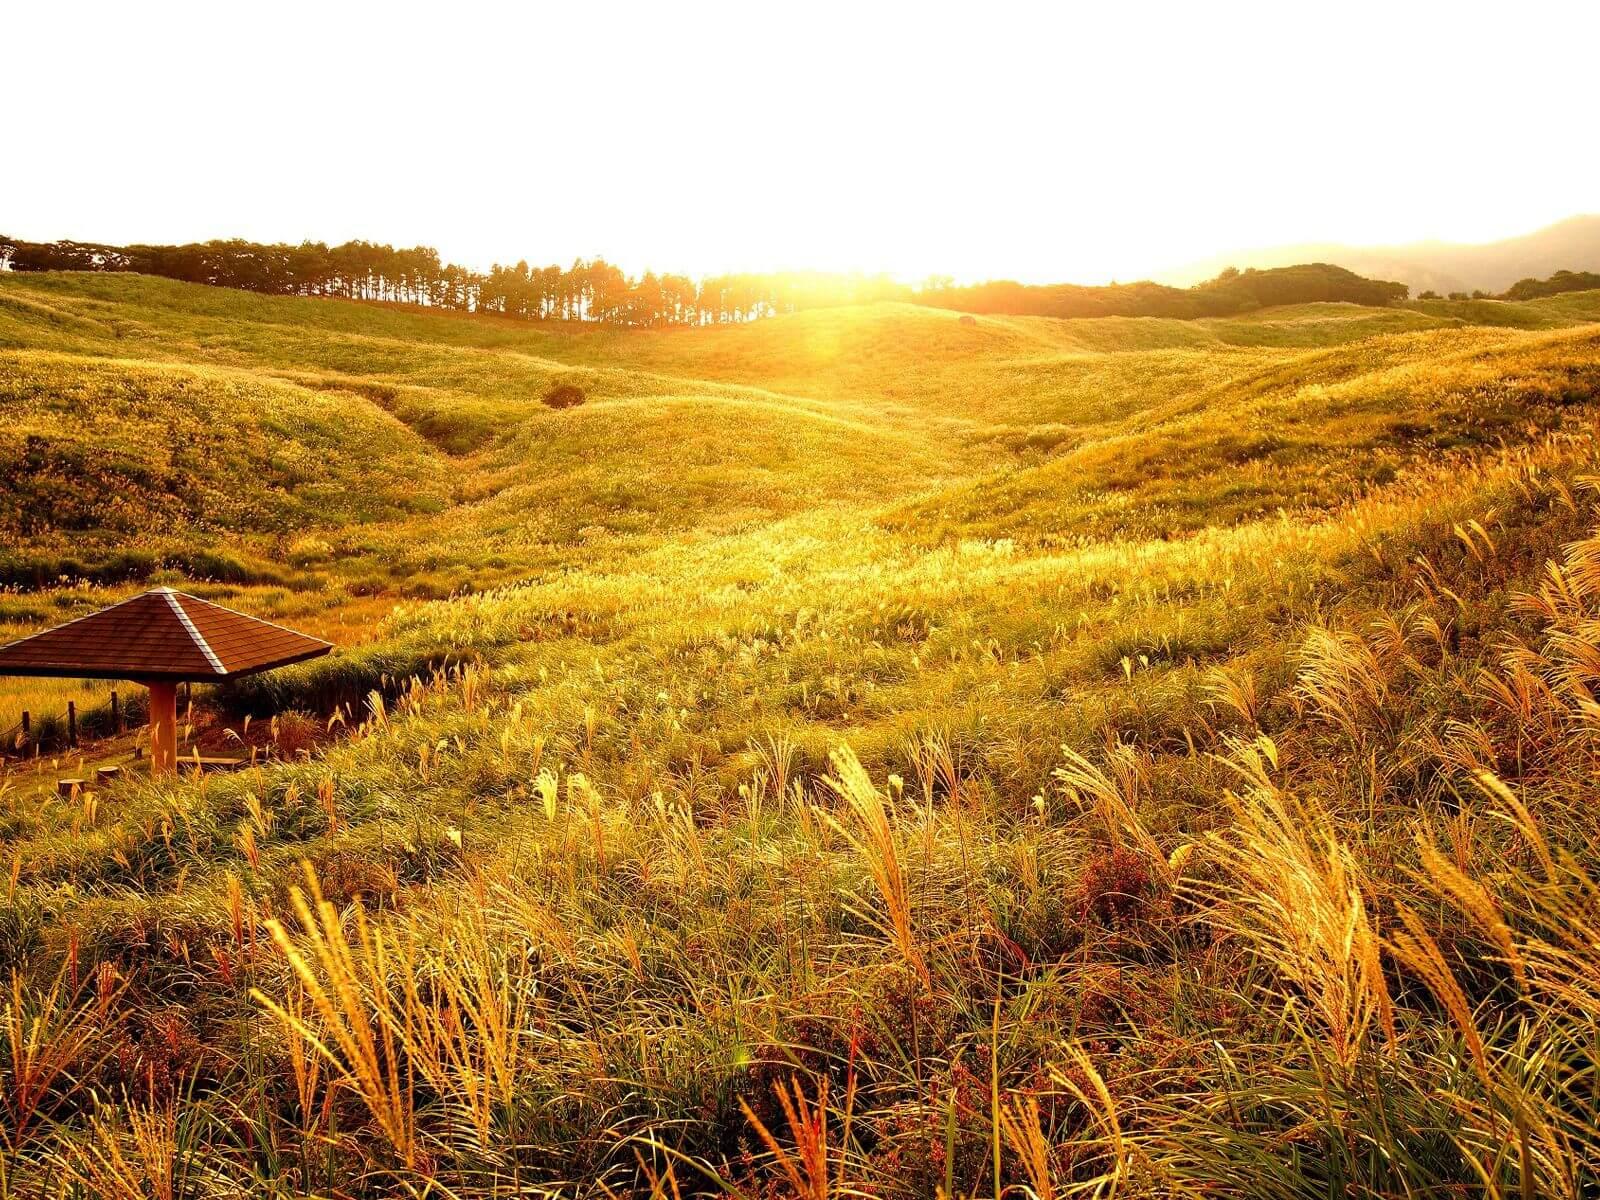 東伊豆·稻取高原的絕景!享受黃金的芒草原野的「秋天的芒草活動」舉行 伊豆、日本旅行、日本觀光、